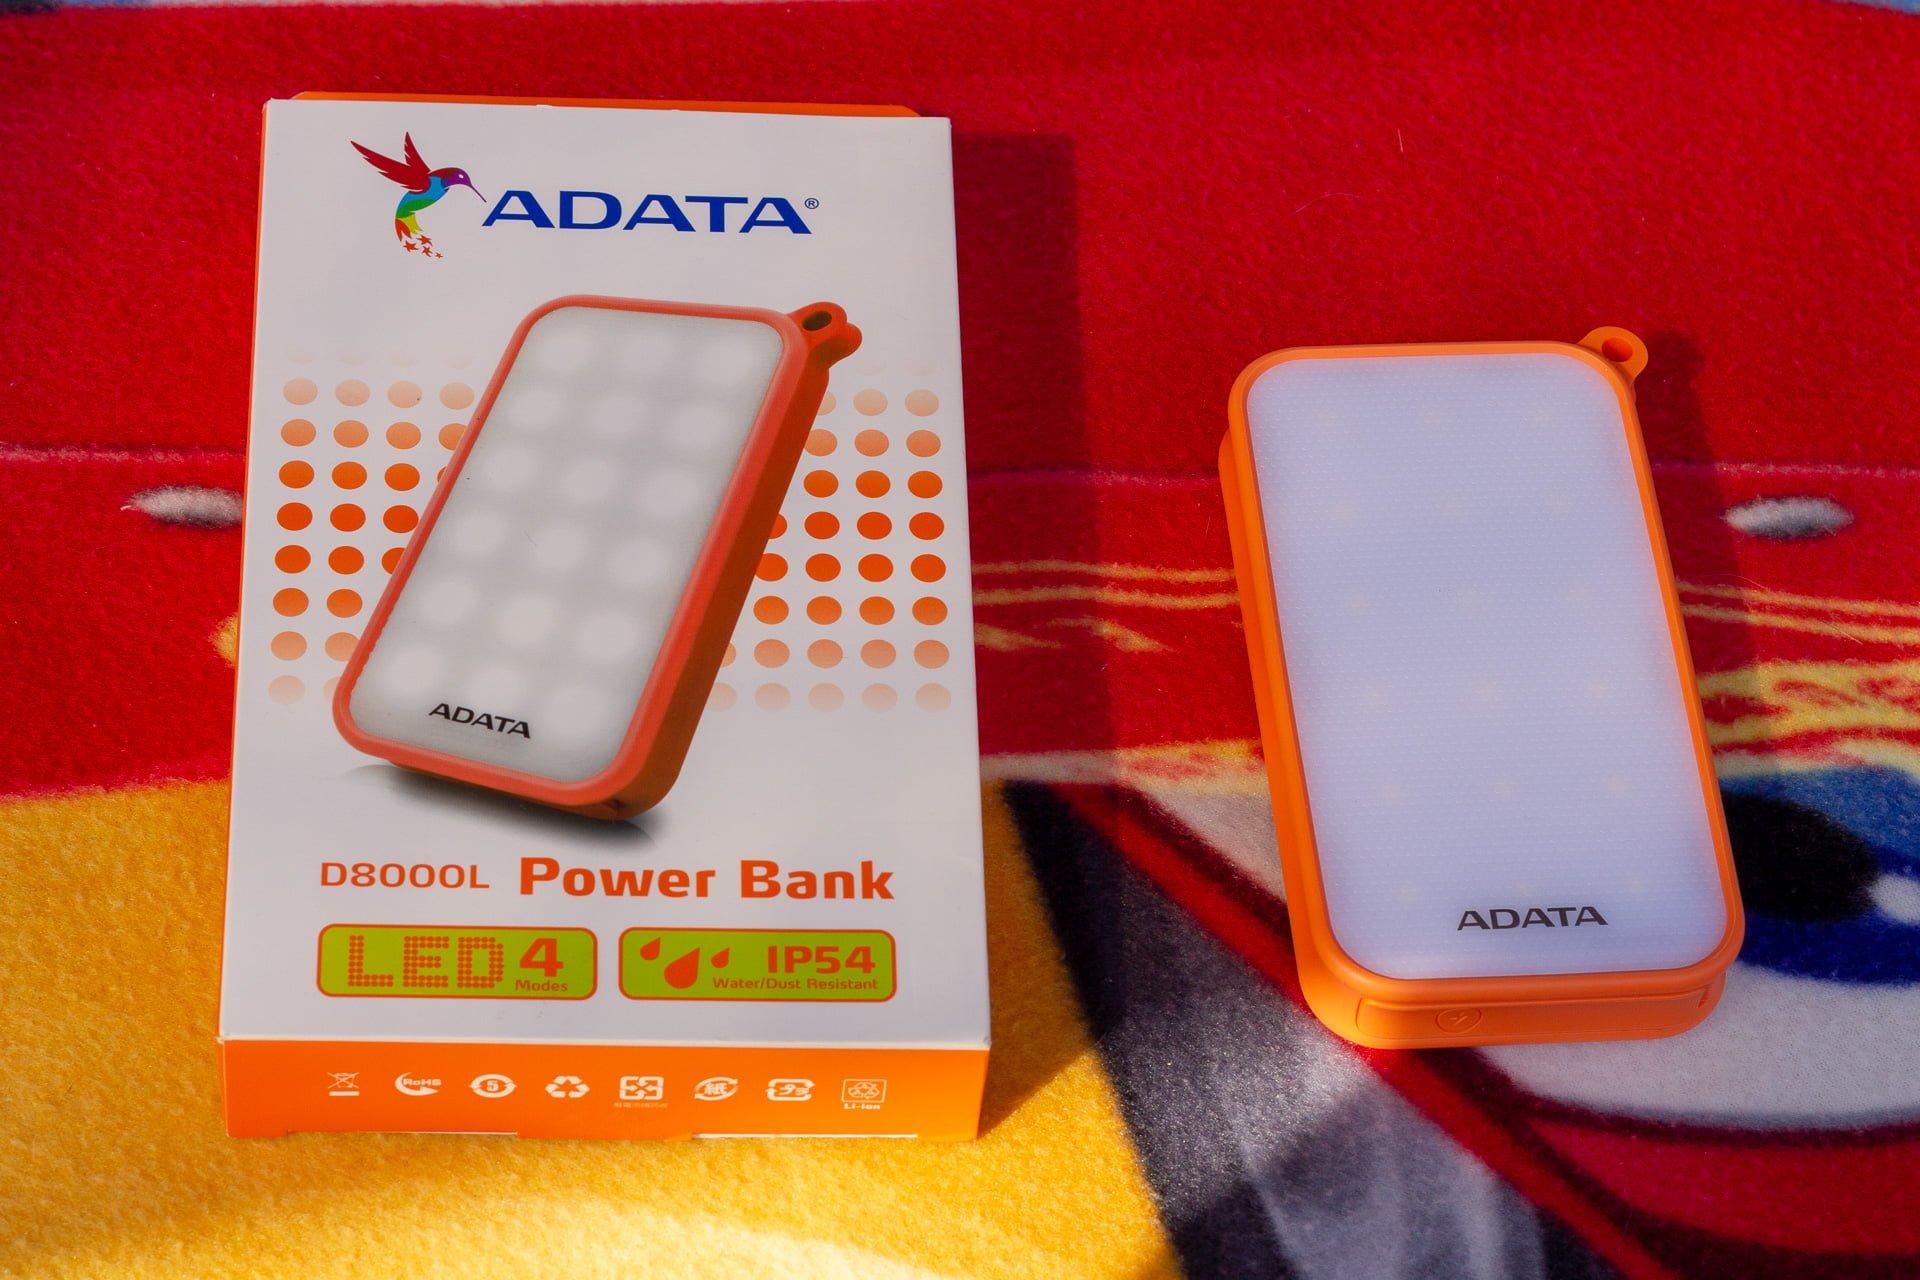 Tabletowo.pl Powerbank to czy lampka LED? Recenzja ADATA D8000L Akcesoria Recenzje